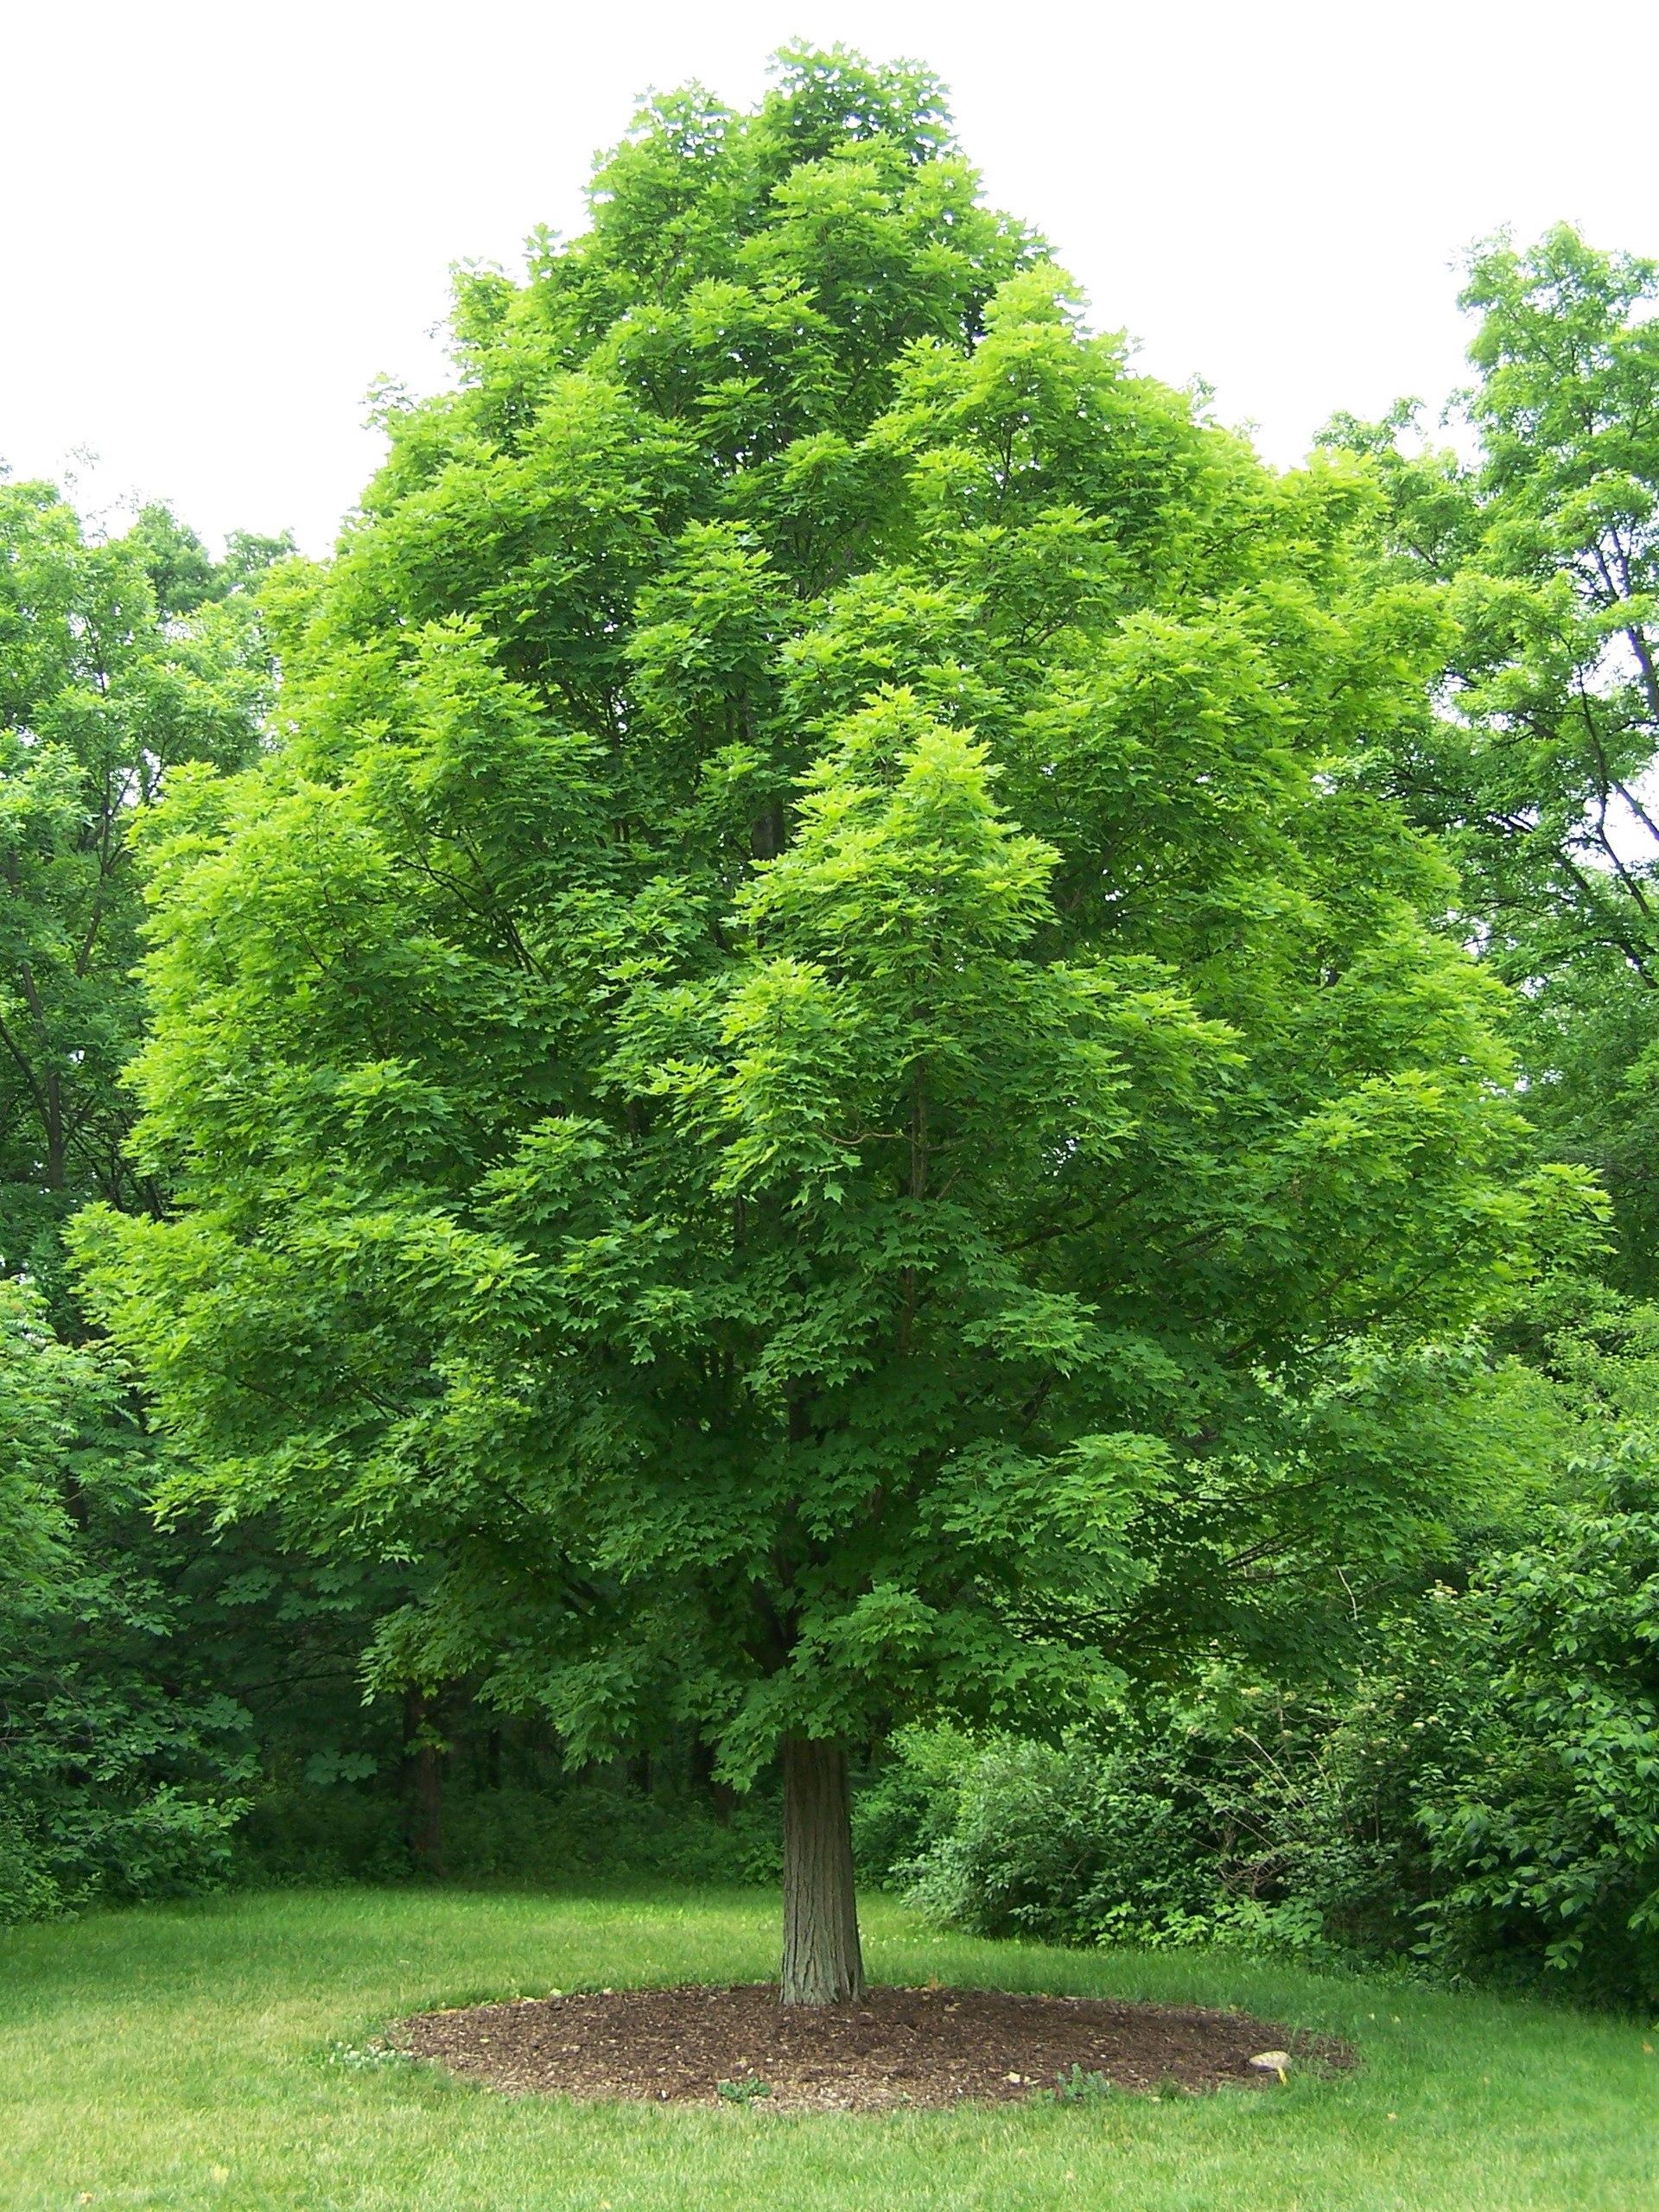 Acer saccharum wikipedia - Foglia canadese contorno foglia canadese ...